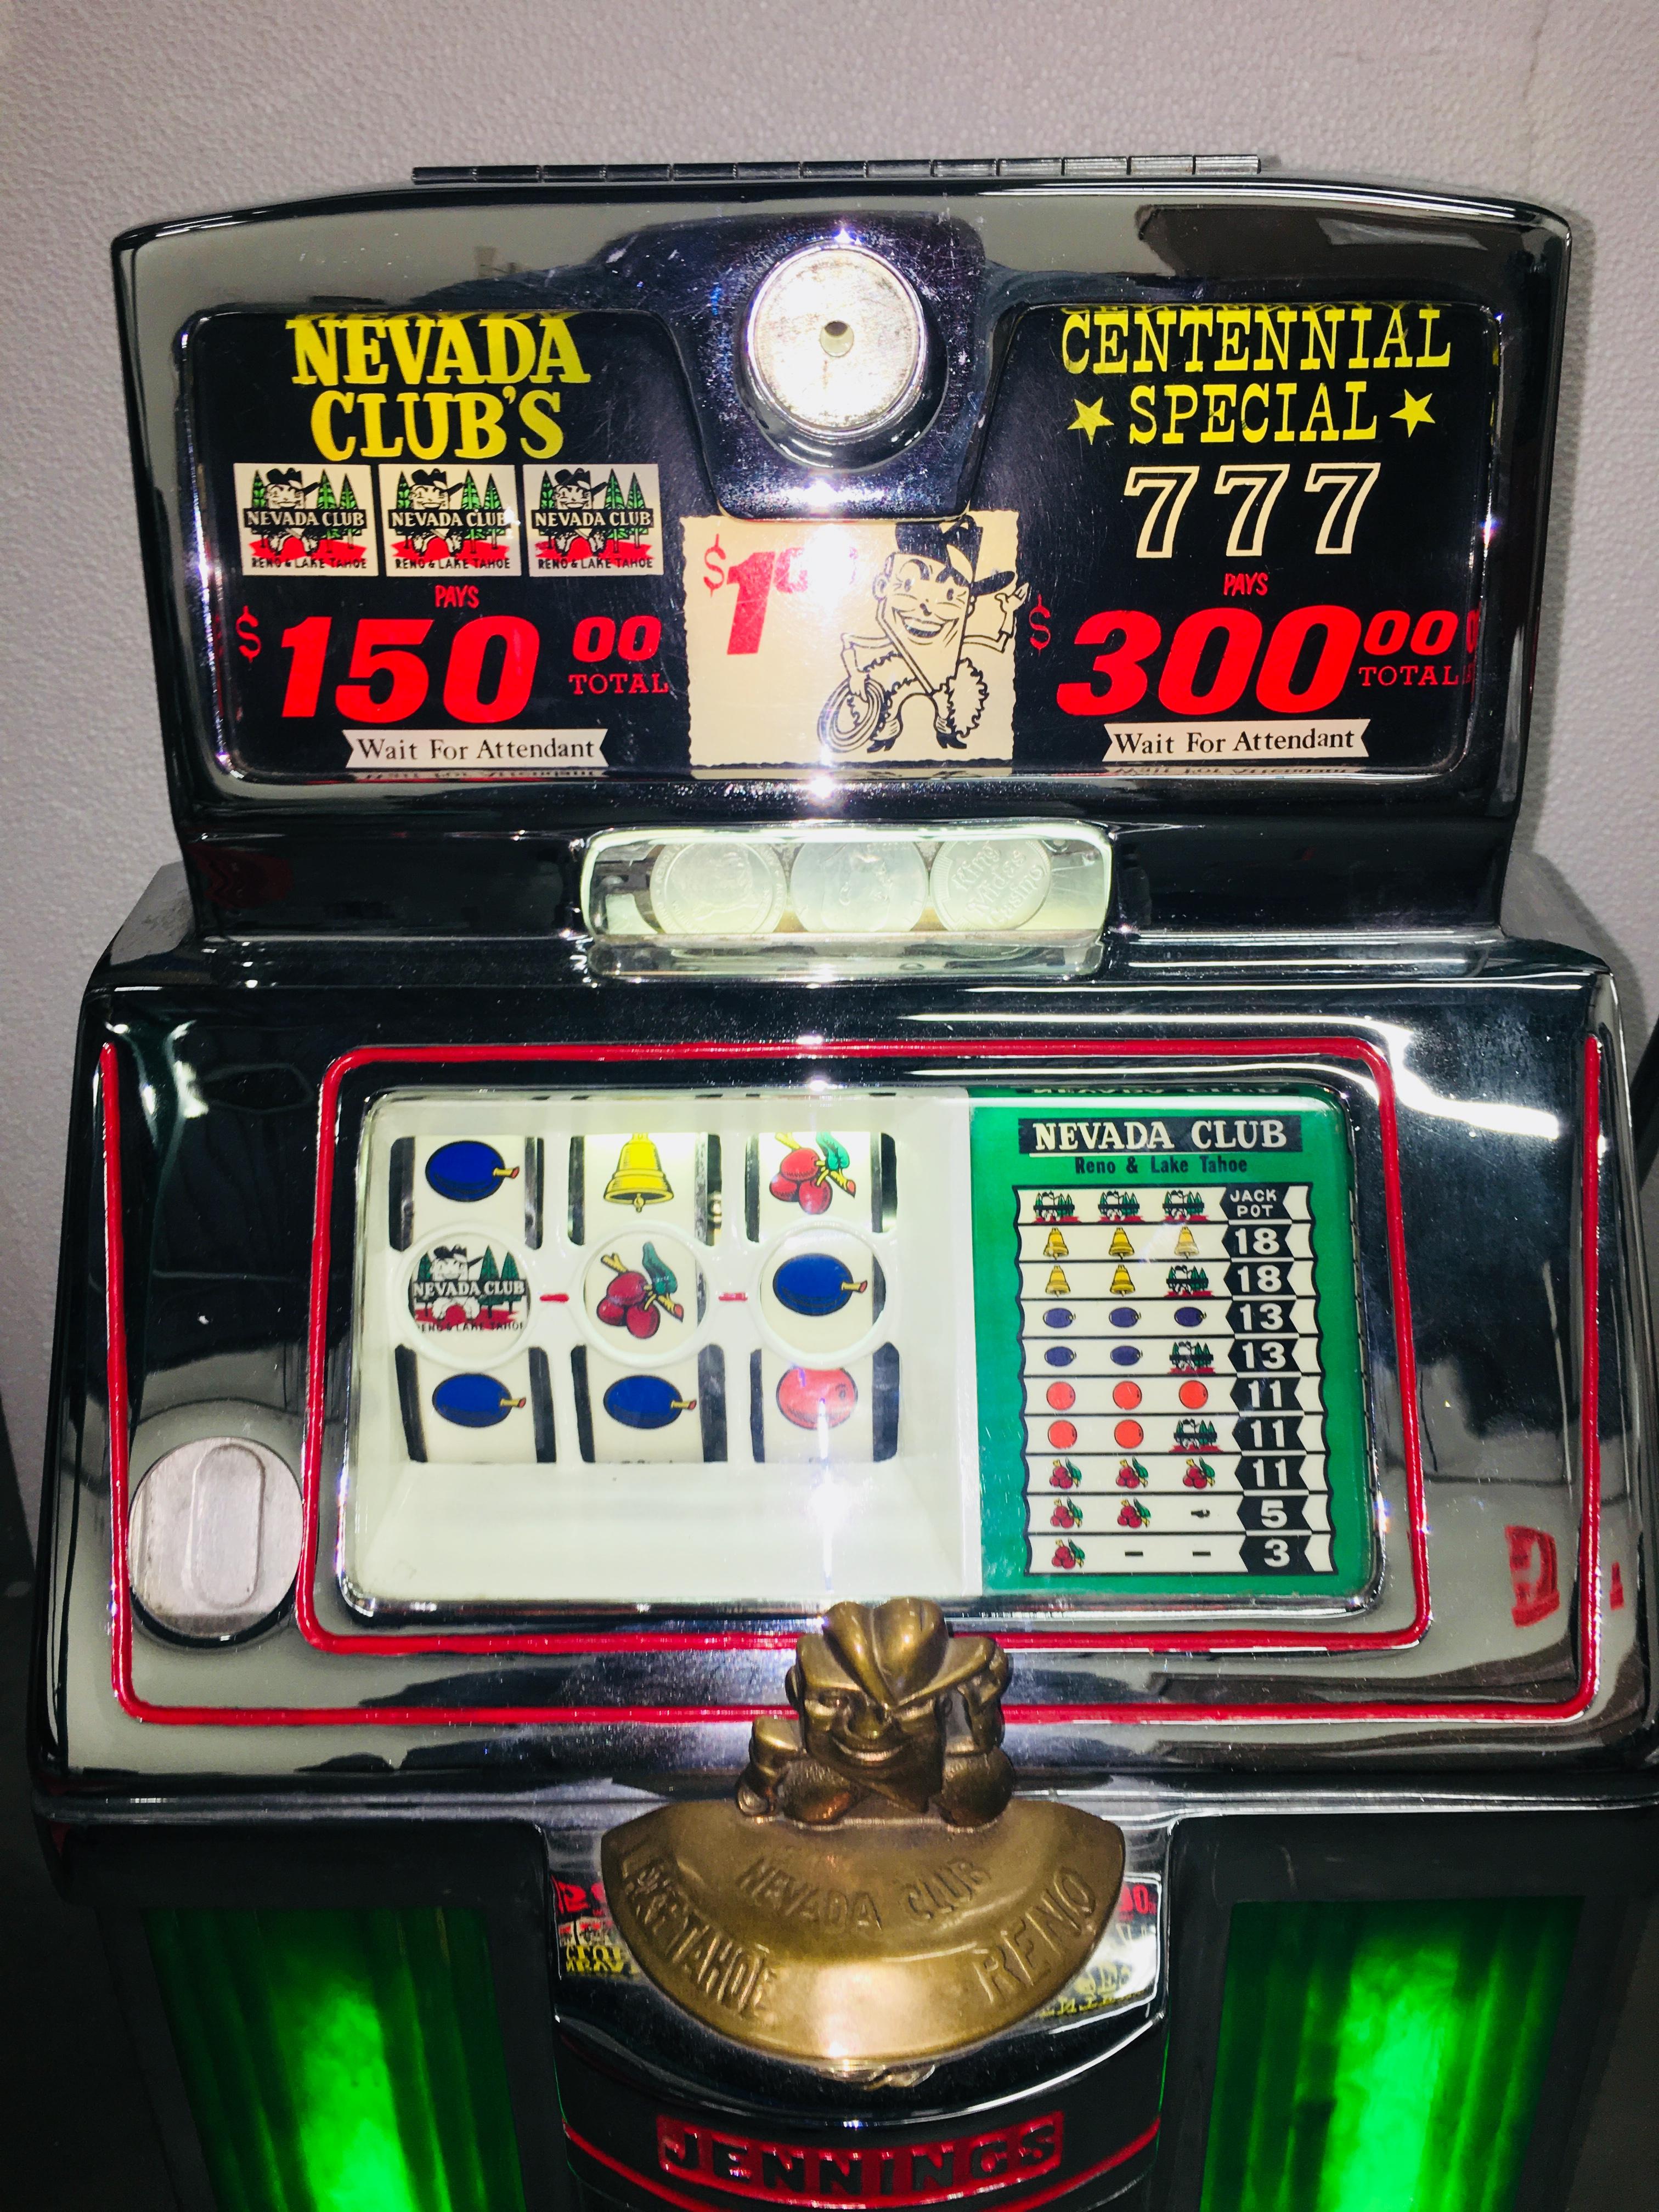 La riviera casino no deposit bonus